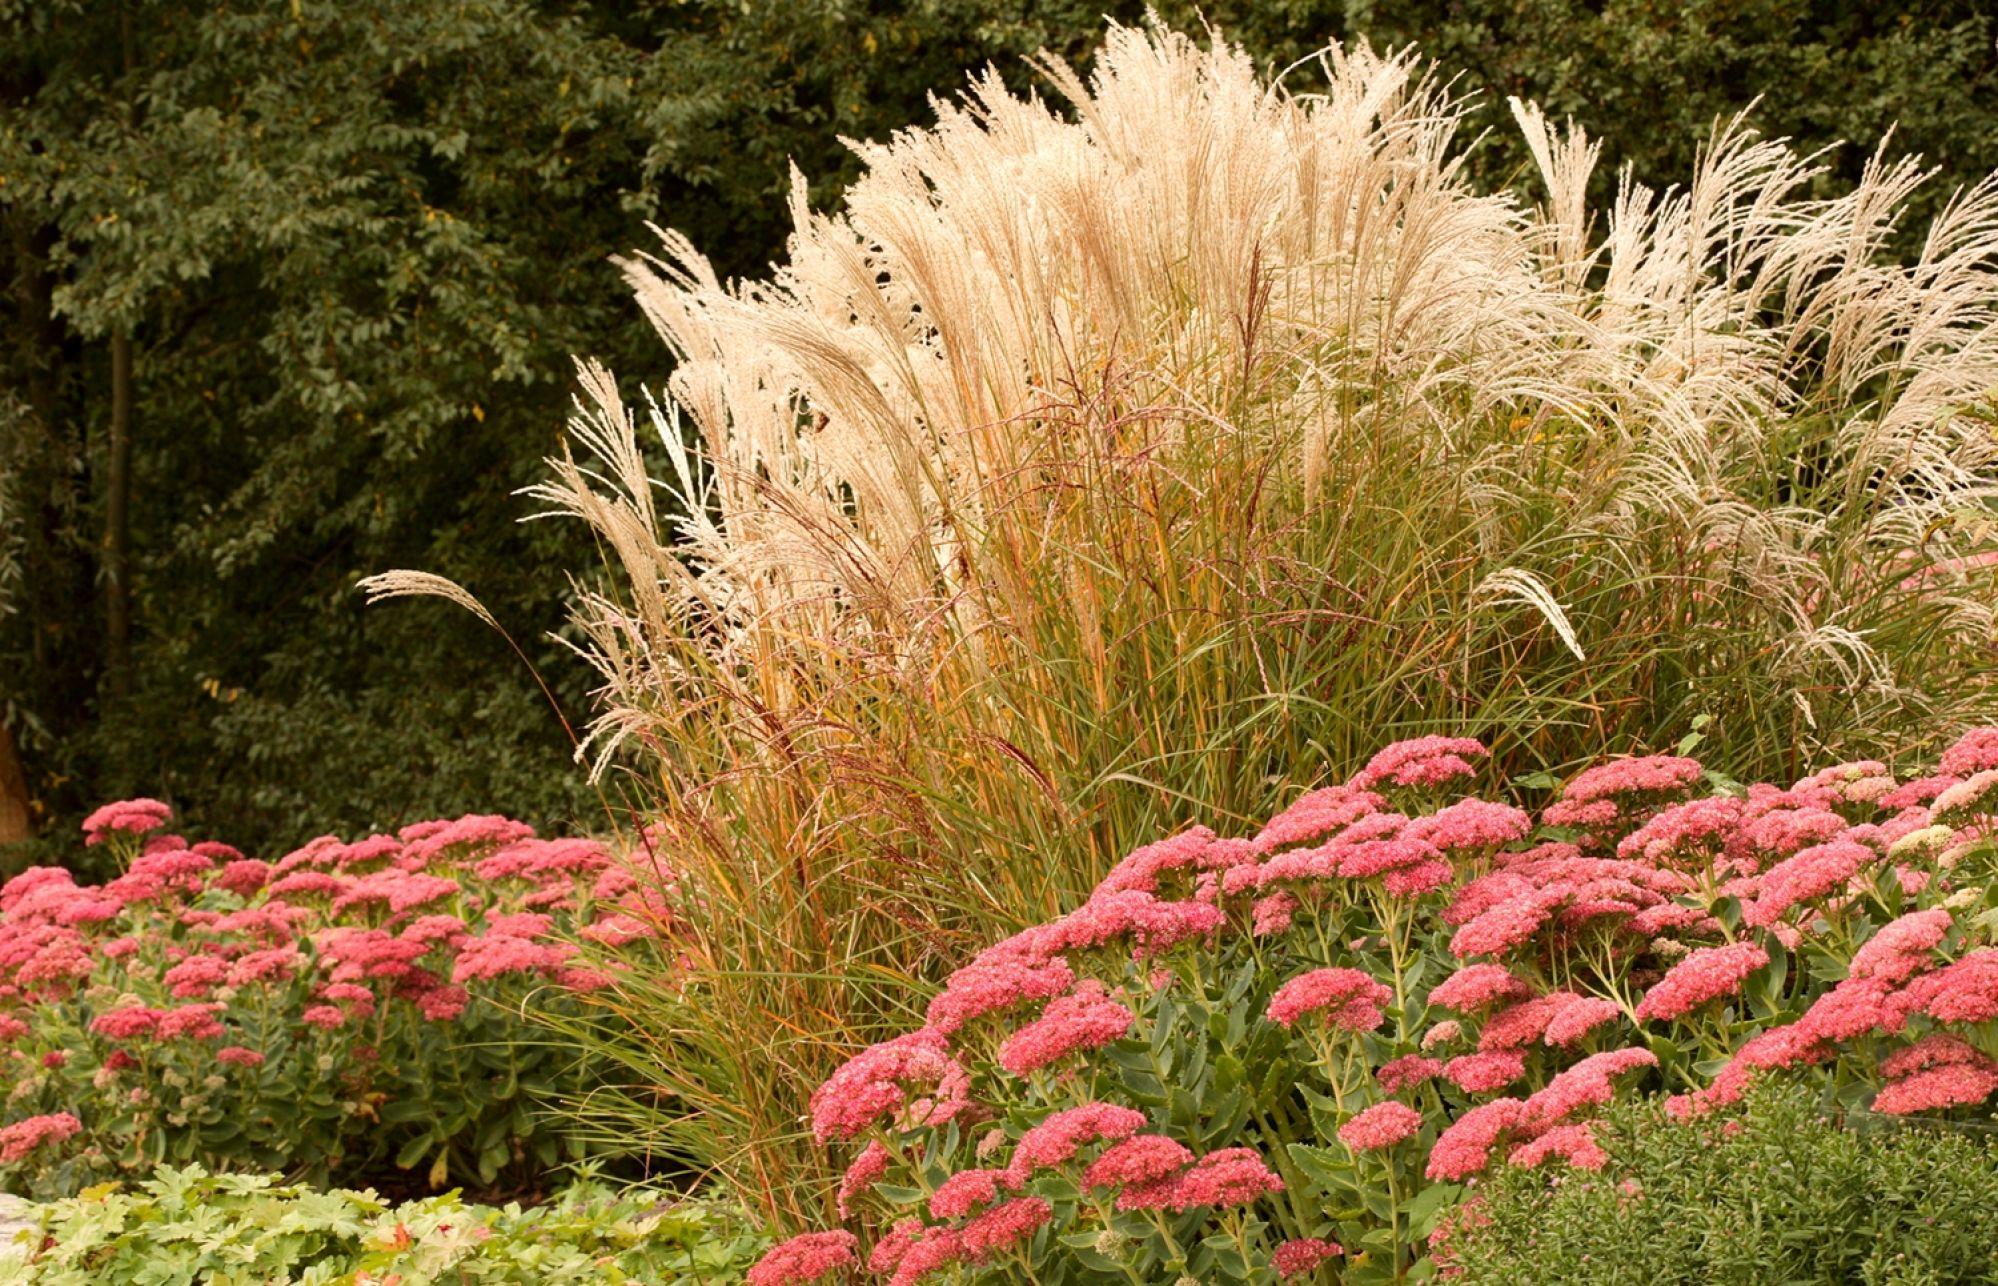 trawy ozdobne i rozchodnik okazały